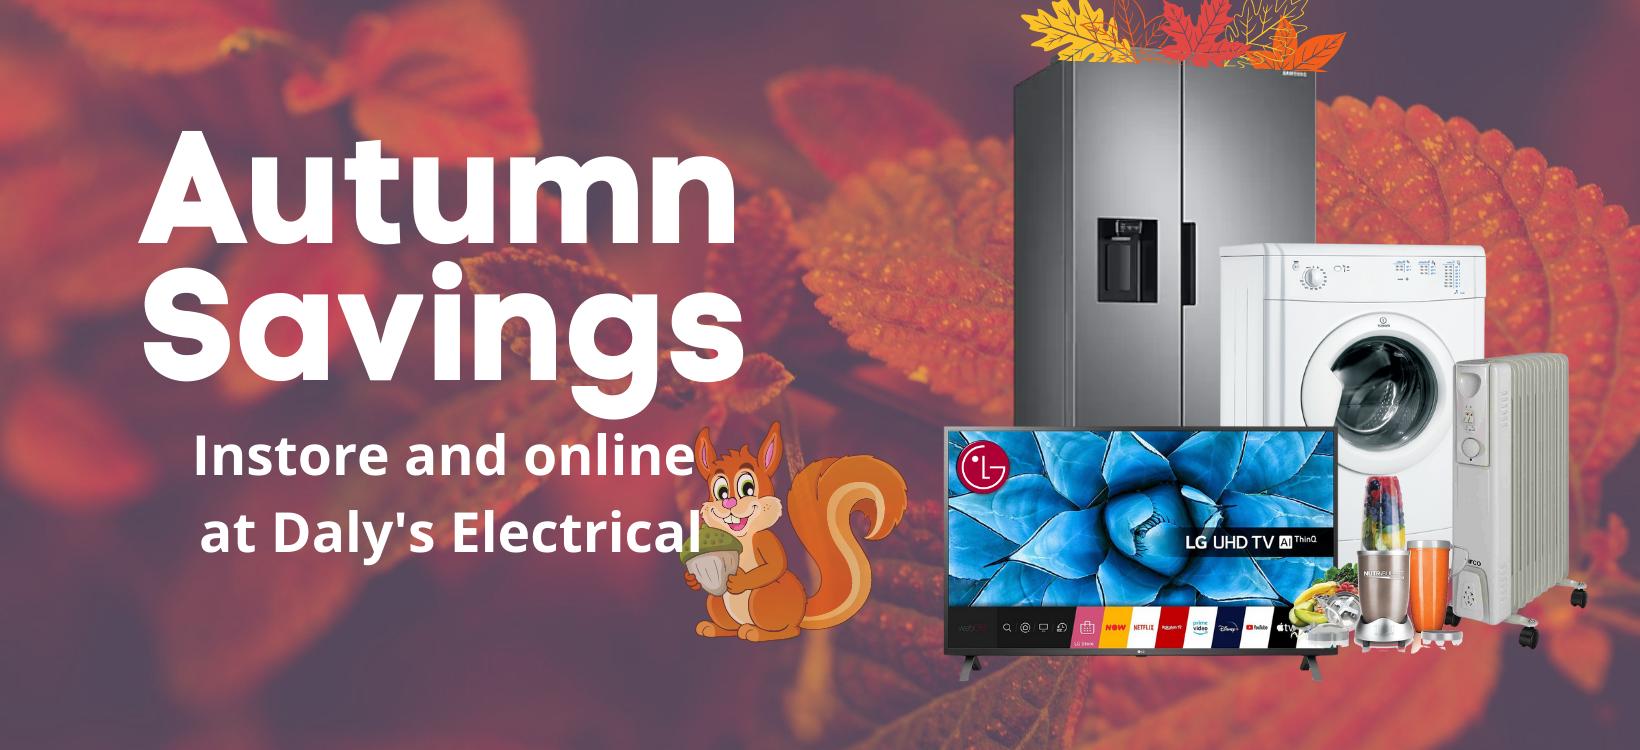 Autumn Savings (Facebook Cover) (4)